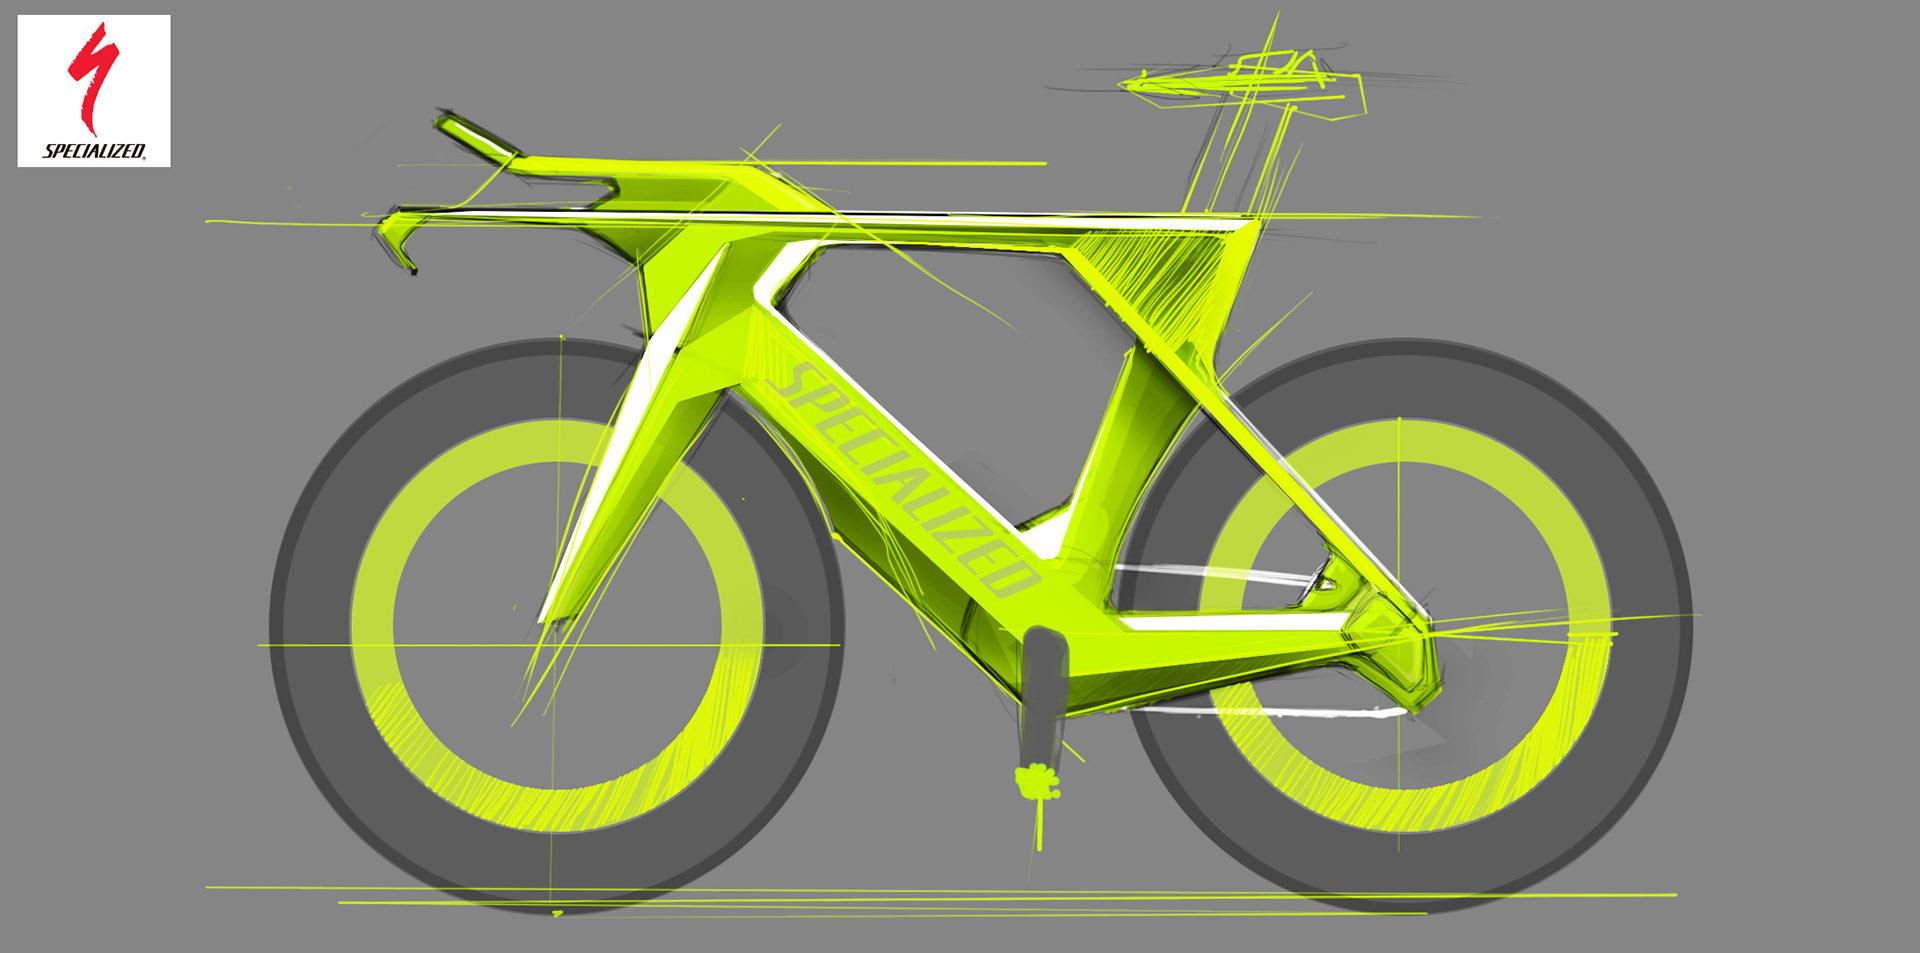 Фото картинки - Макет велосипеда SPECIALIZED по дизайну PARADOX